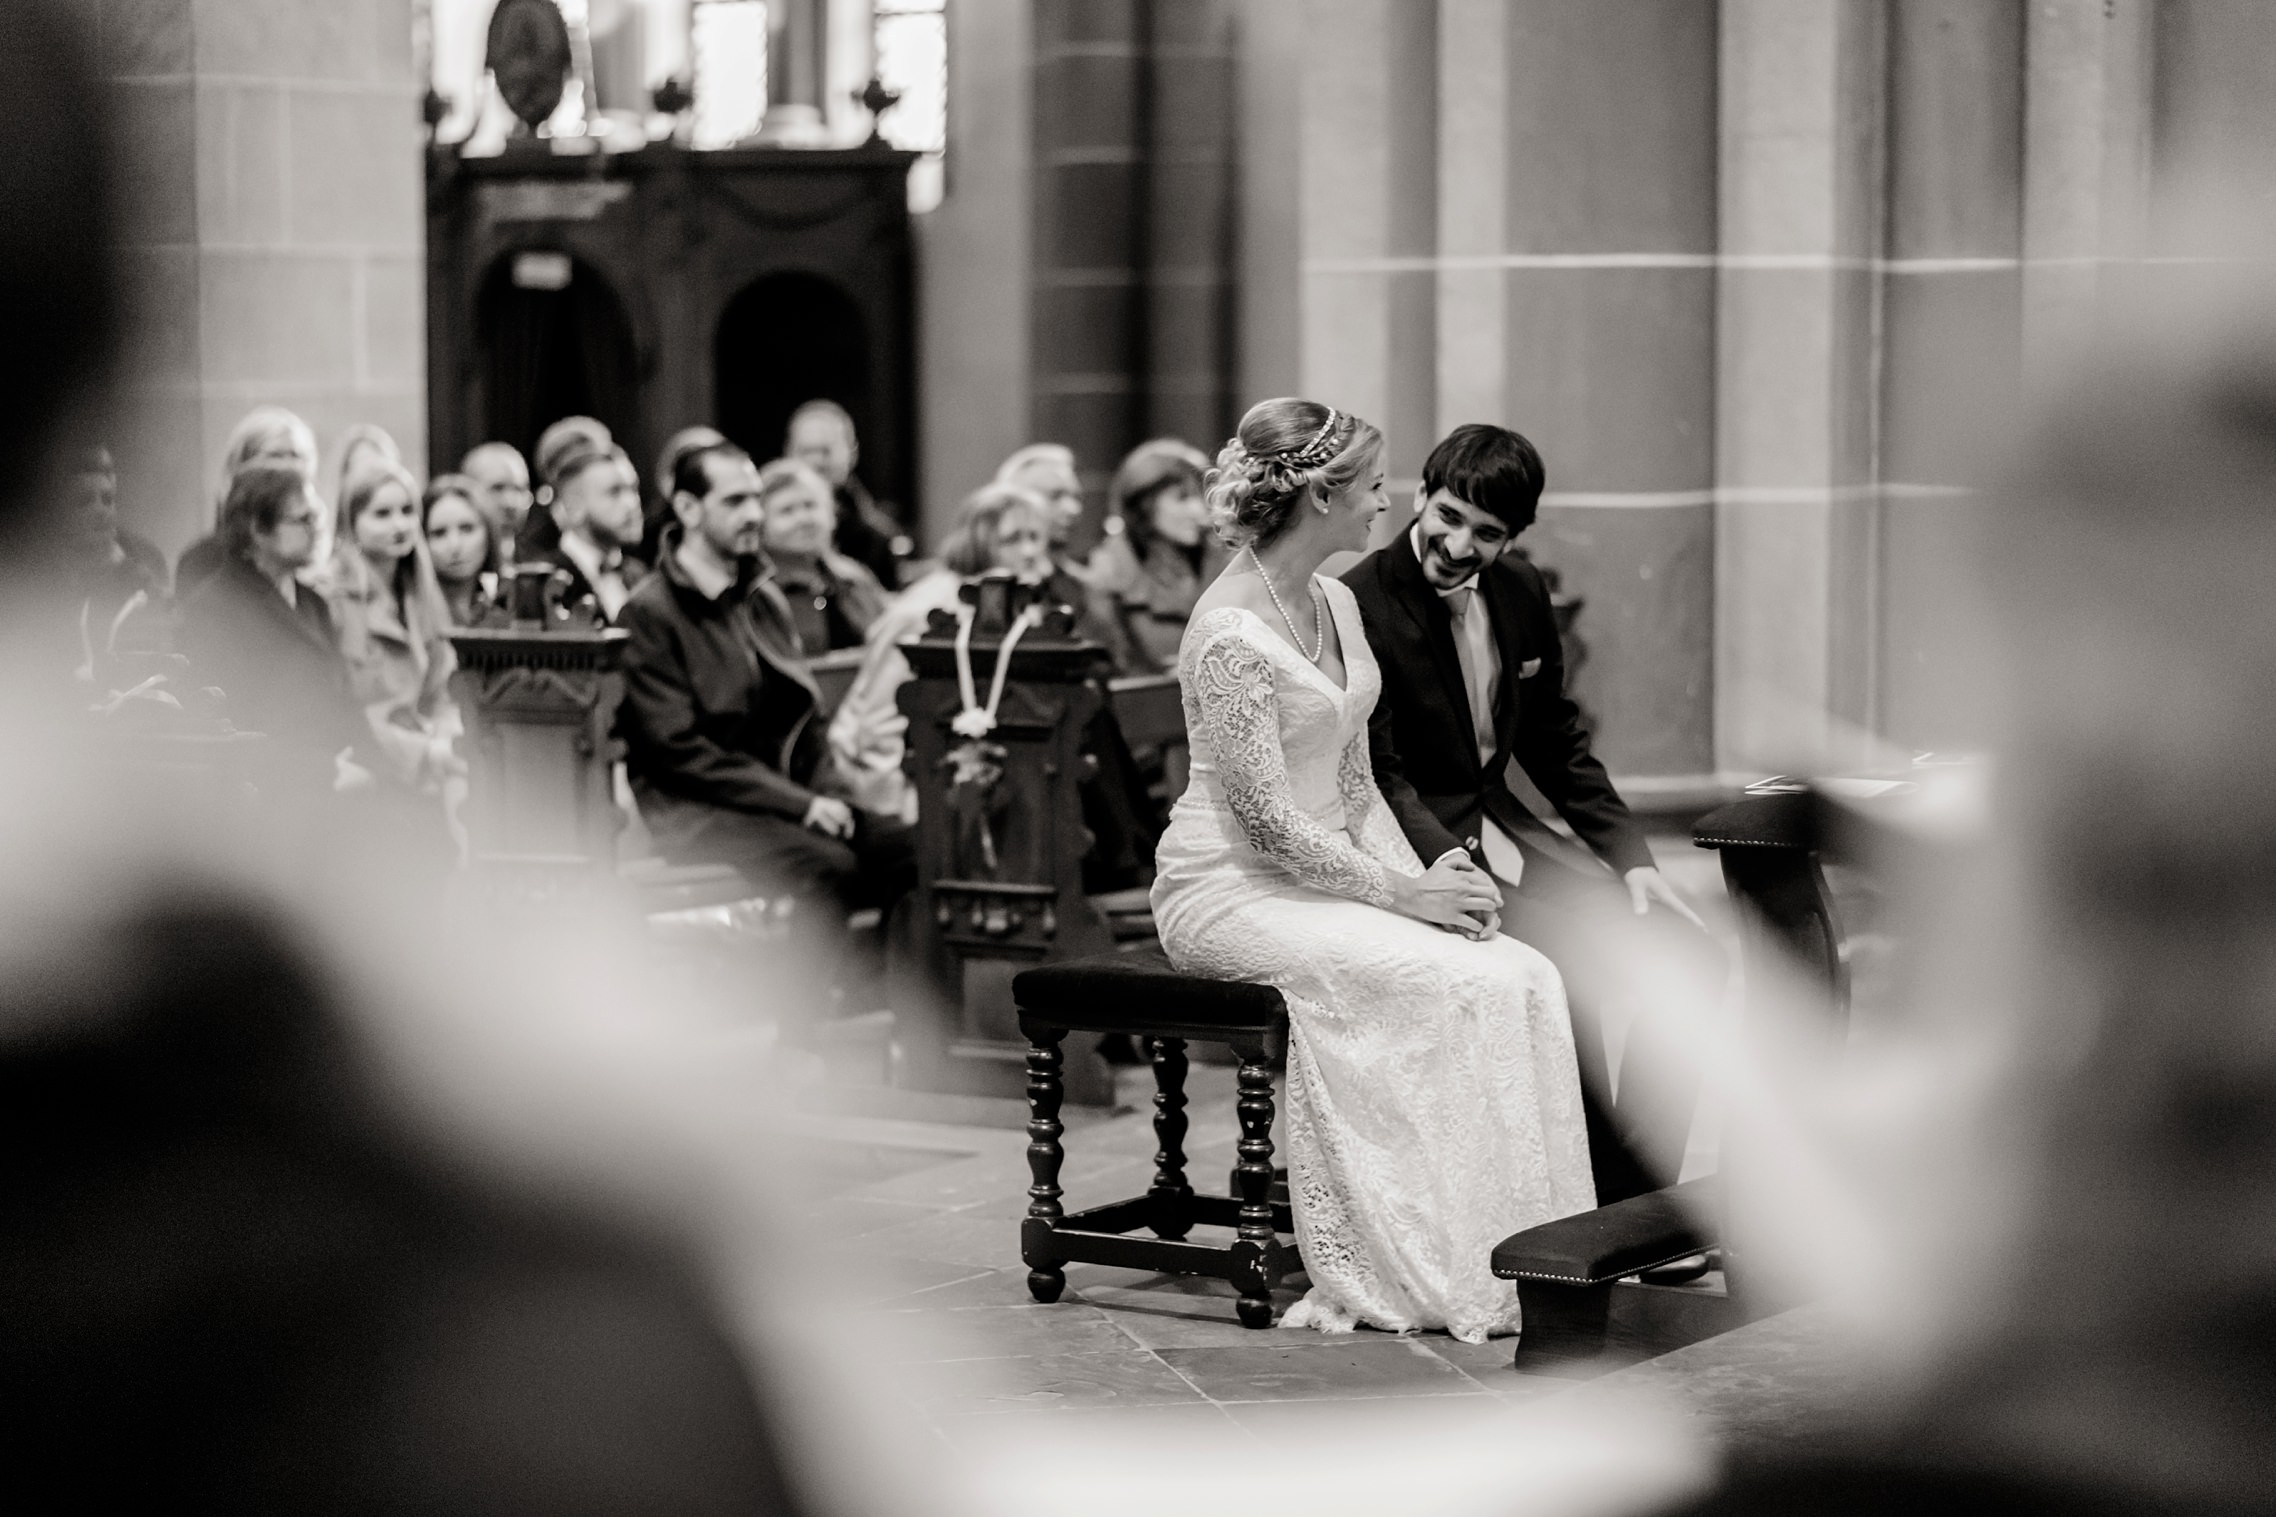 Stimmungsbild des Brautpaares während der Trauzeremonie in der Basilika in Werden in schwarzweiss